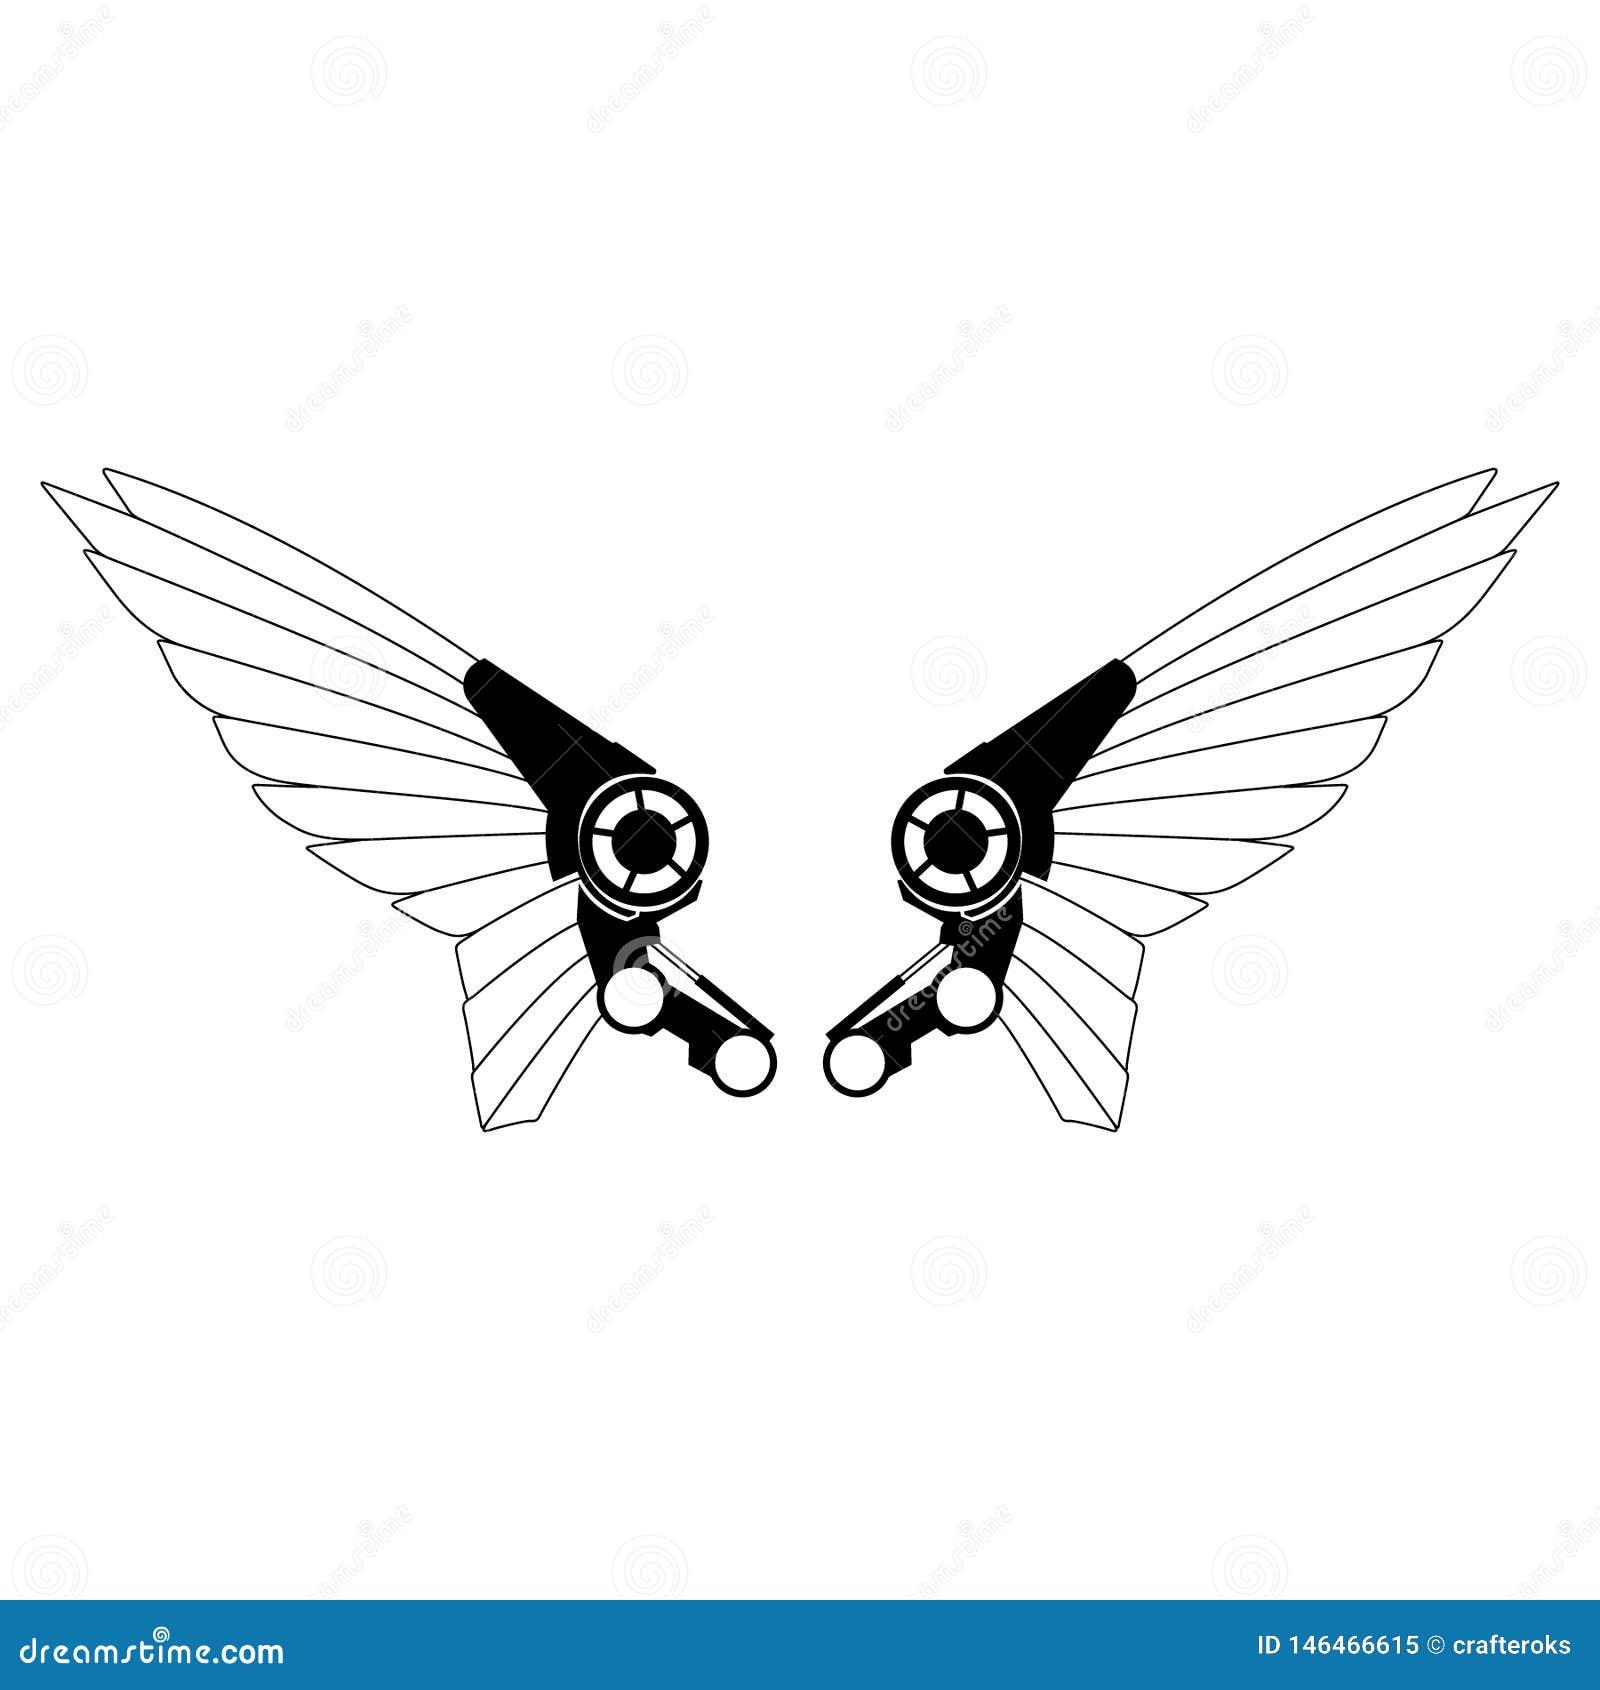 Нарисованная рука, вектор eps вектора крыльев робота, Eps, логотип, значок, crafteroks, иллюстрация силуэта для различных польз